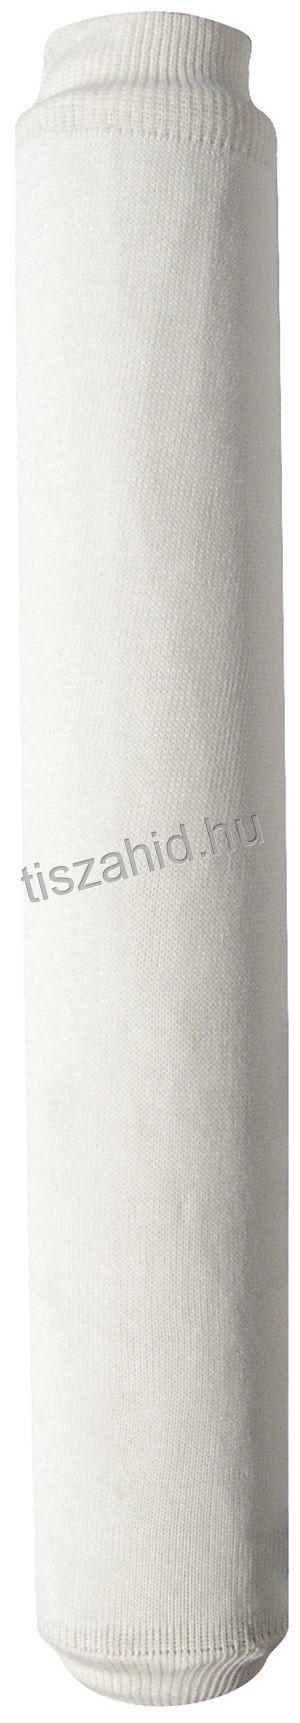 4393 kötött, rugalmas, 55 cm hosszú, 100% poliamid karvédő